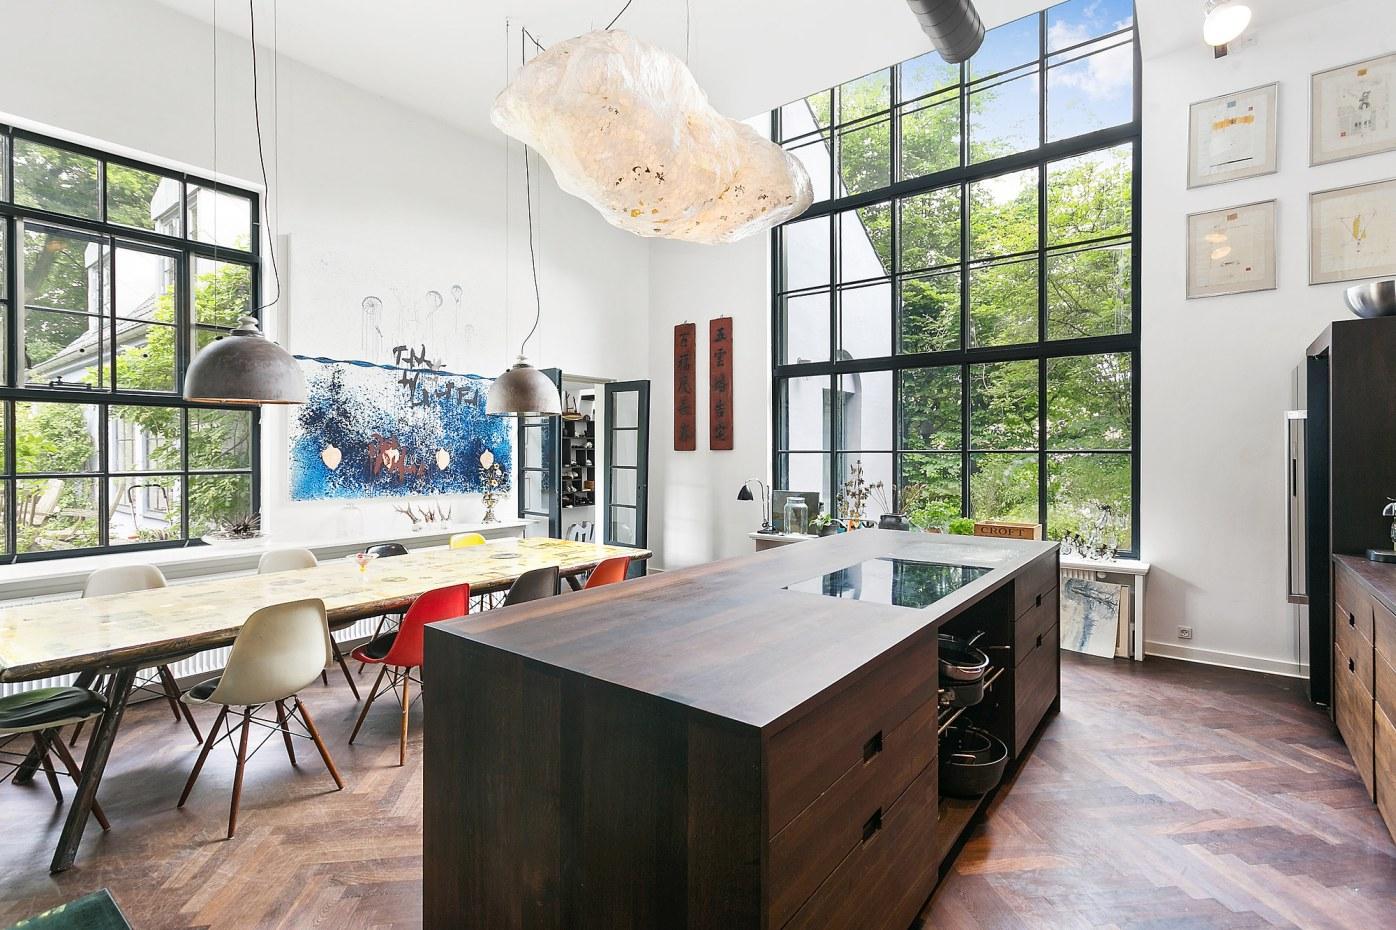 панорамное остекление кухонный остров высокие потолки